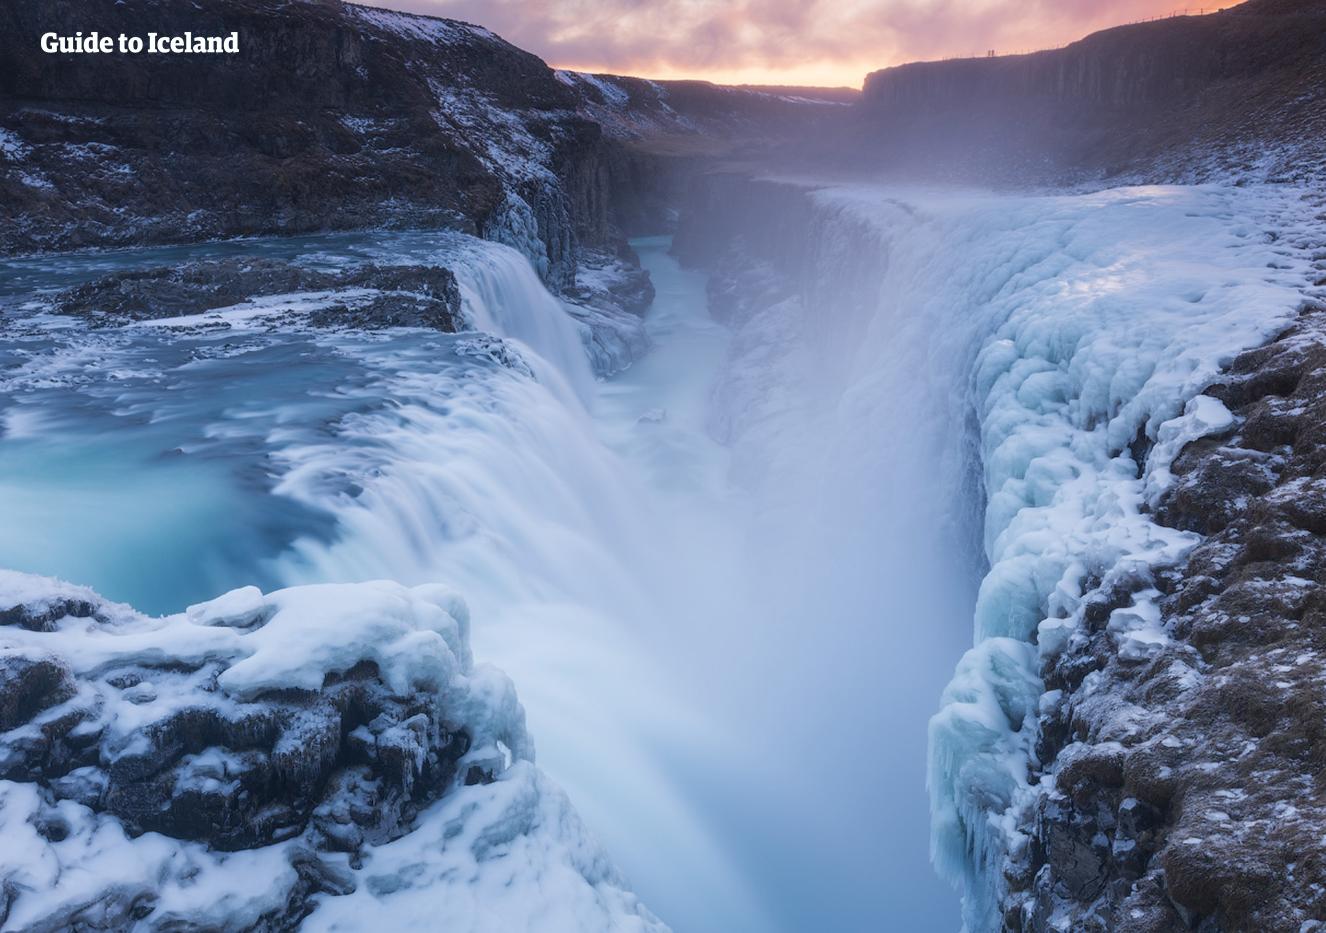 3-дневный зимний тур | Золотое кольцо, Голубая лагуна и северное сияние - day 2